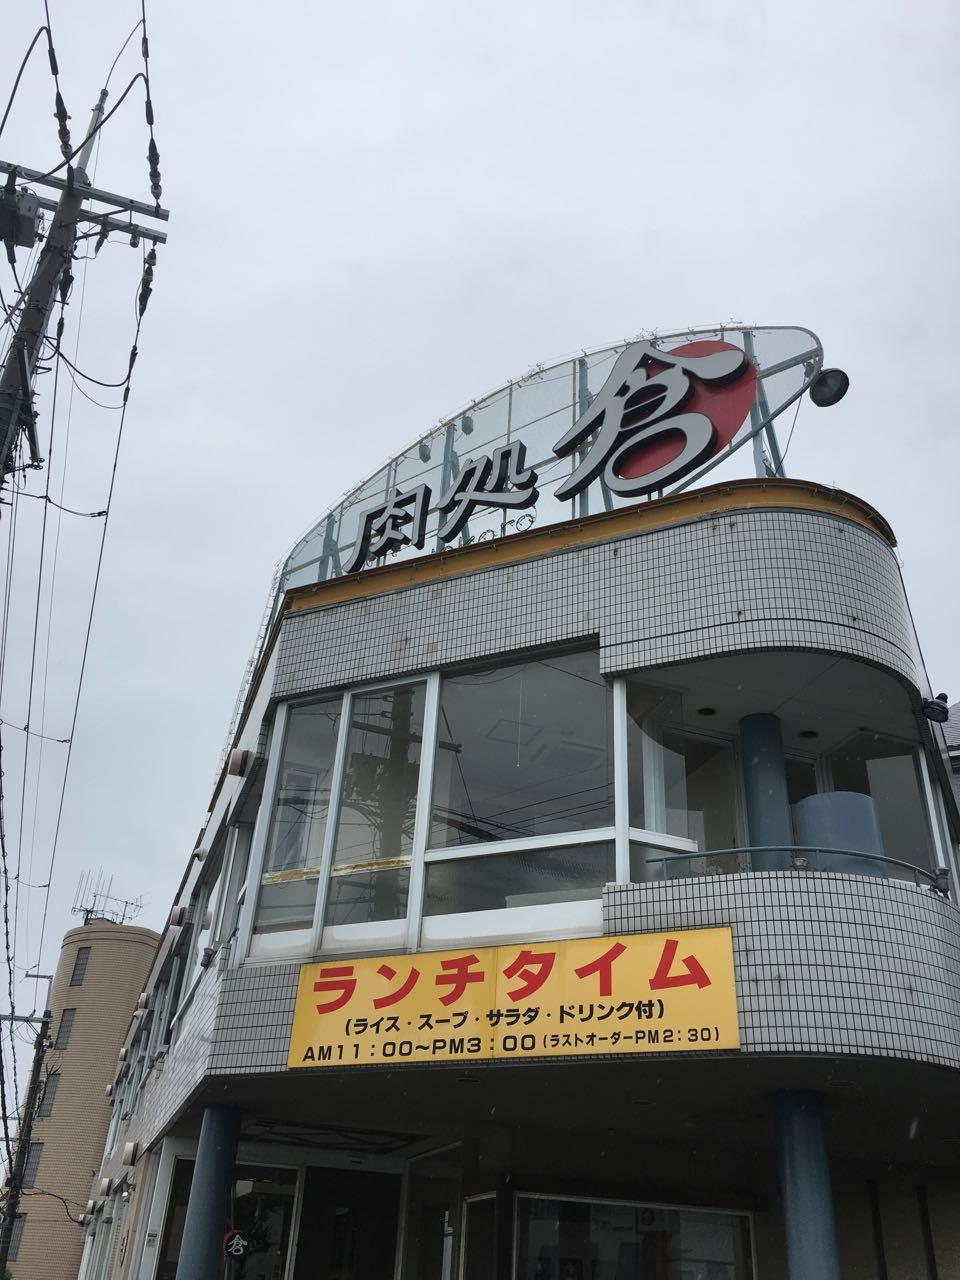 豊中ロマンチック街道の肉処倉(クラ)でお得なランチ!